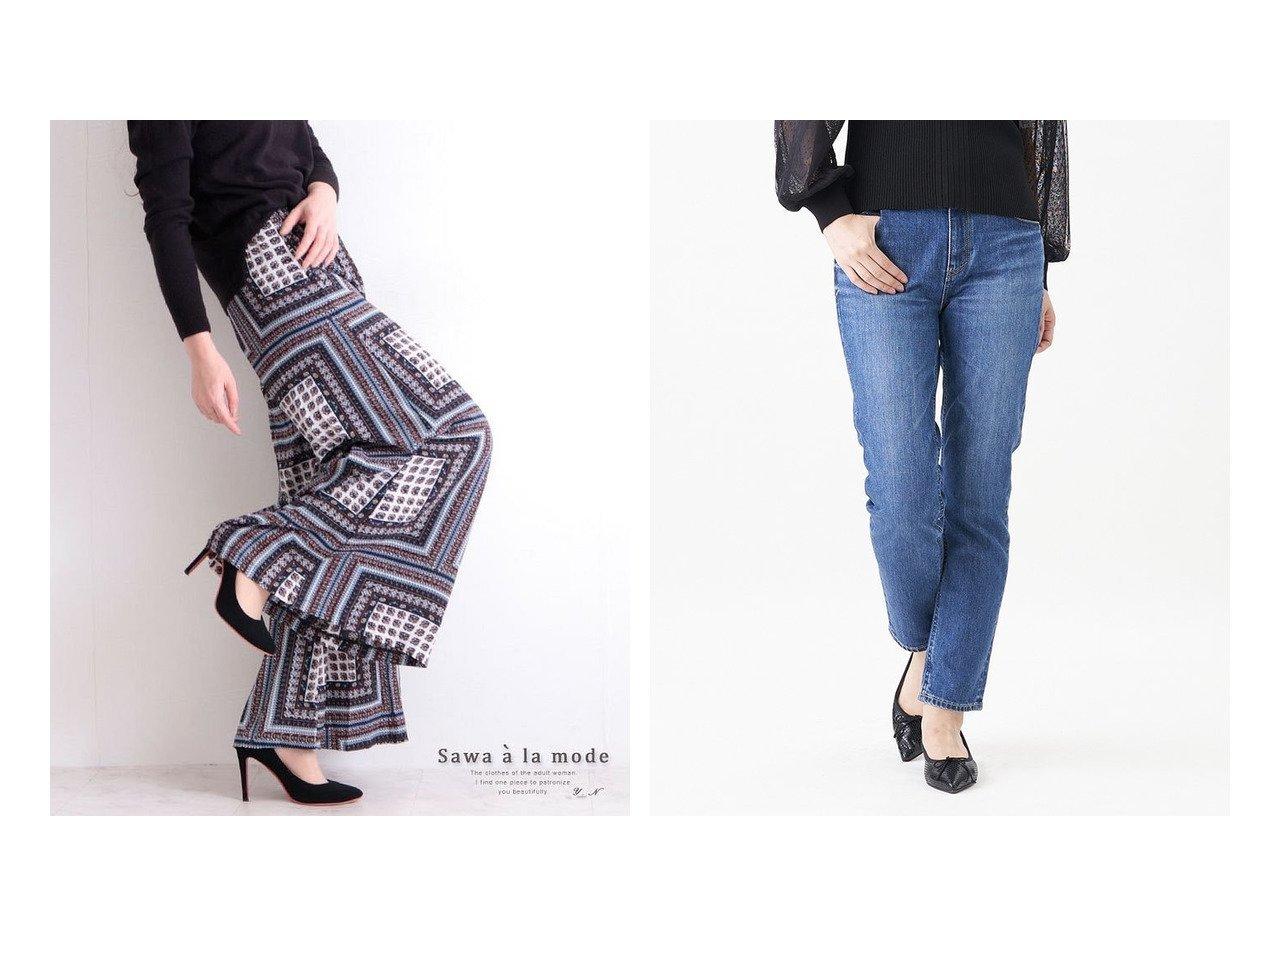 【en recre/アン レクレ】の【YANUK】スリムテーパードテニムパンツ&【Sawa a la mode/サワアラモード】のエスニック模様広がるワイドフレアパンツ パンツのおすすめ!人気、トレンド・レディースファッションの通販 おすすめで人気の流行・トレンド、ファッションの通販商品 メンズファッション・キッズファッション・インテリア・家具・レディースファッション・服の通販 founy(ファニー) https://founy.com/ ファッション Fashion レディースファッション WOMEN パンツ Pants デニムパンツ Denim Pants エスニック ポケット リゾート ワイド カッティング スキニー デニム リラックス  ID:crp329100000022434